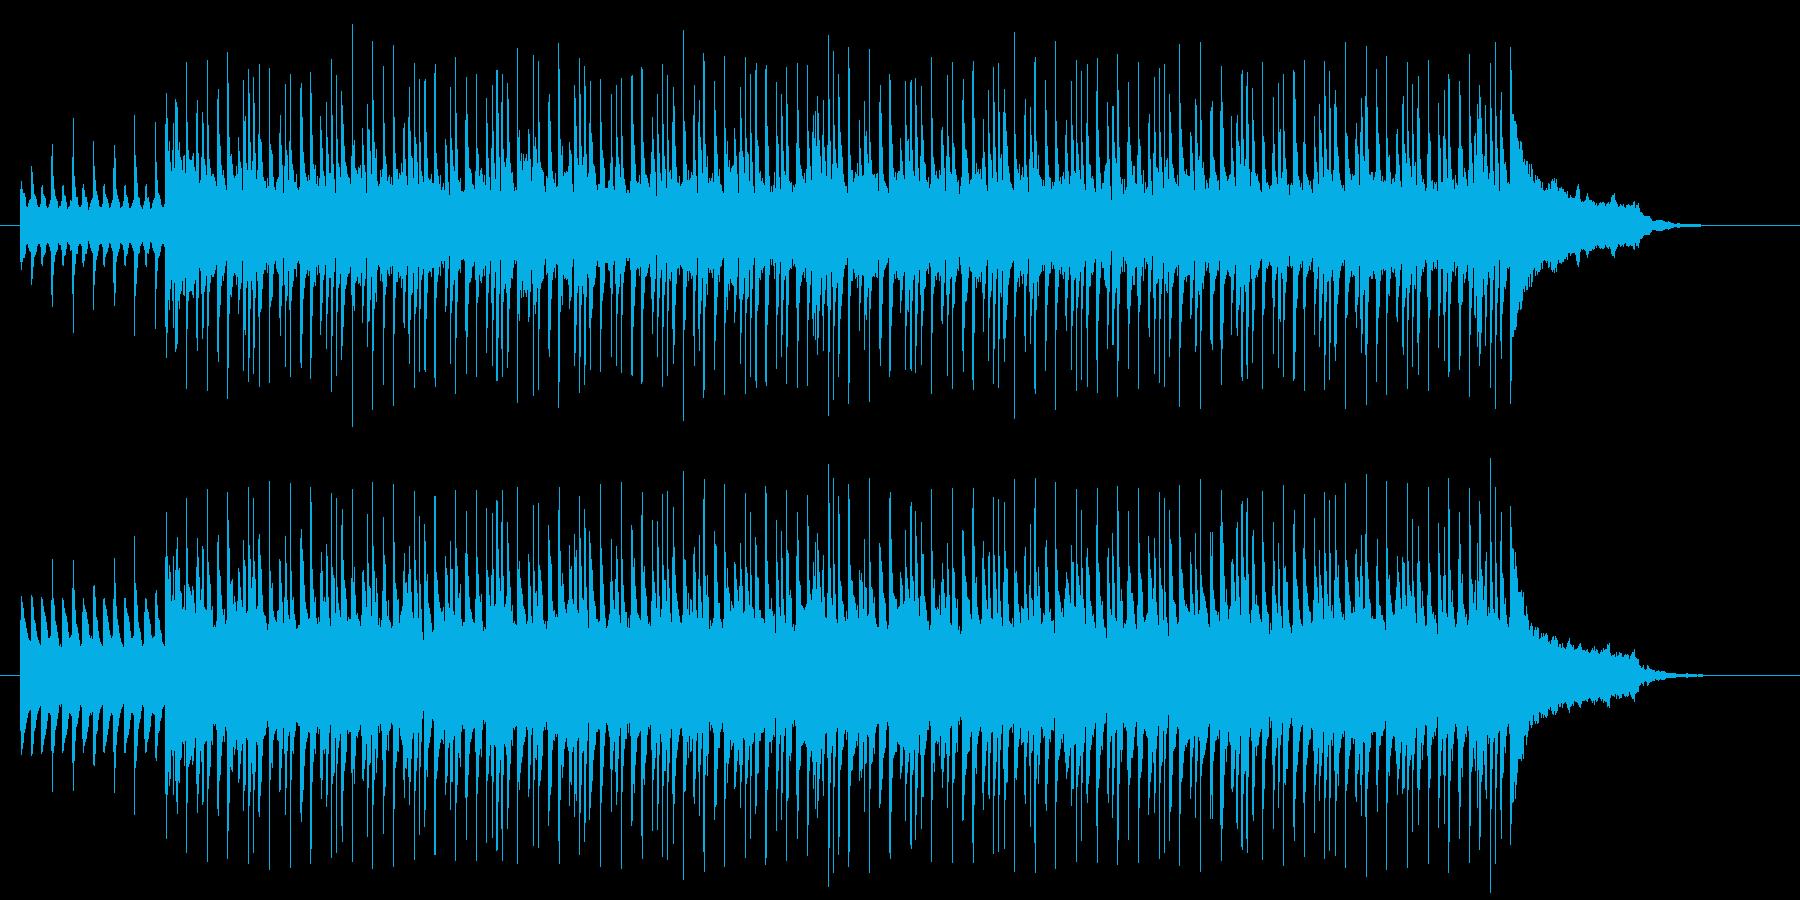 軽快で明るい雰囲気の曲の再生済みの波形